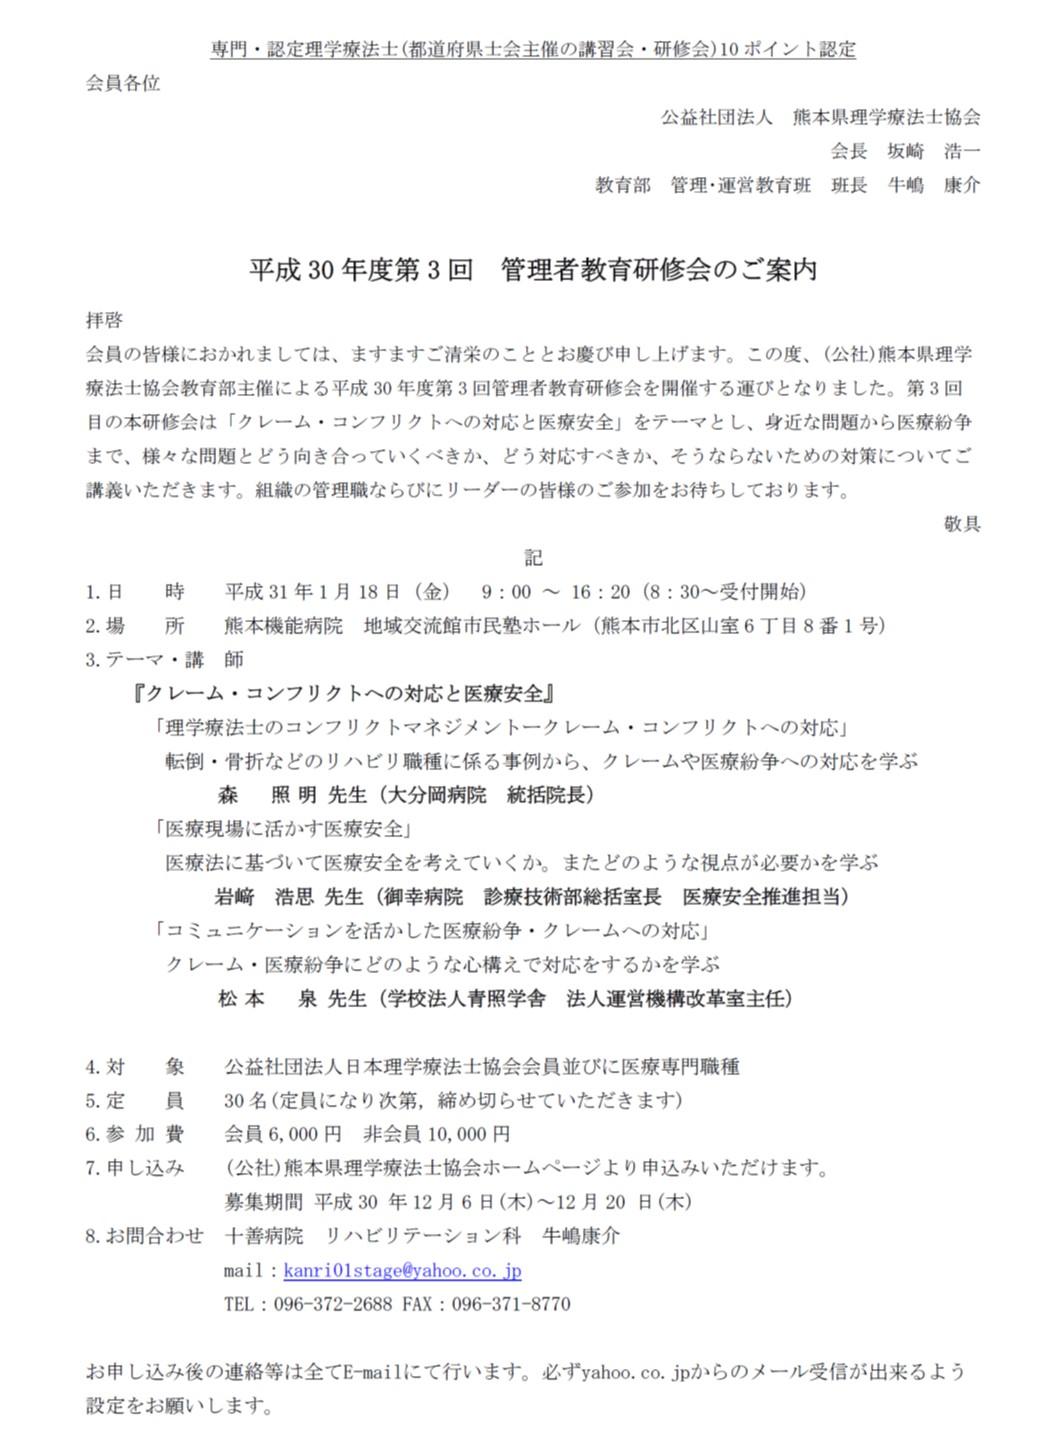 熊本県理学療法士協会主催 管理者研修会のご案内 @ 熊本機能病院